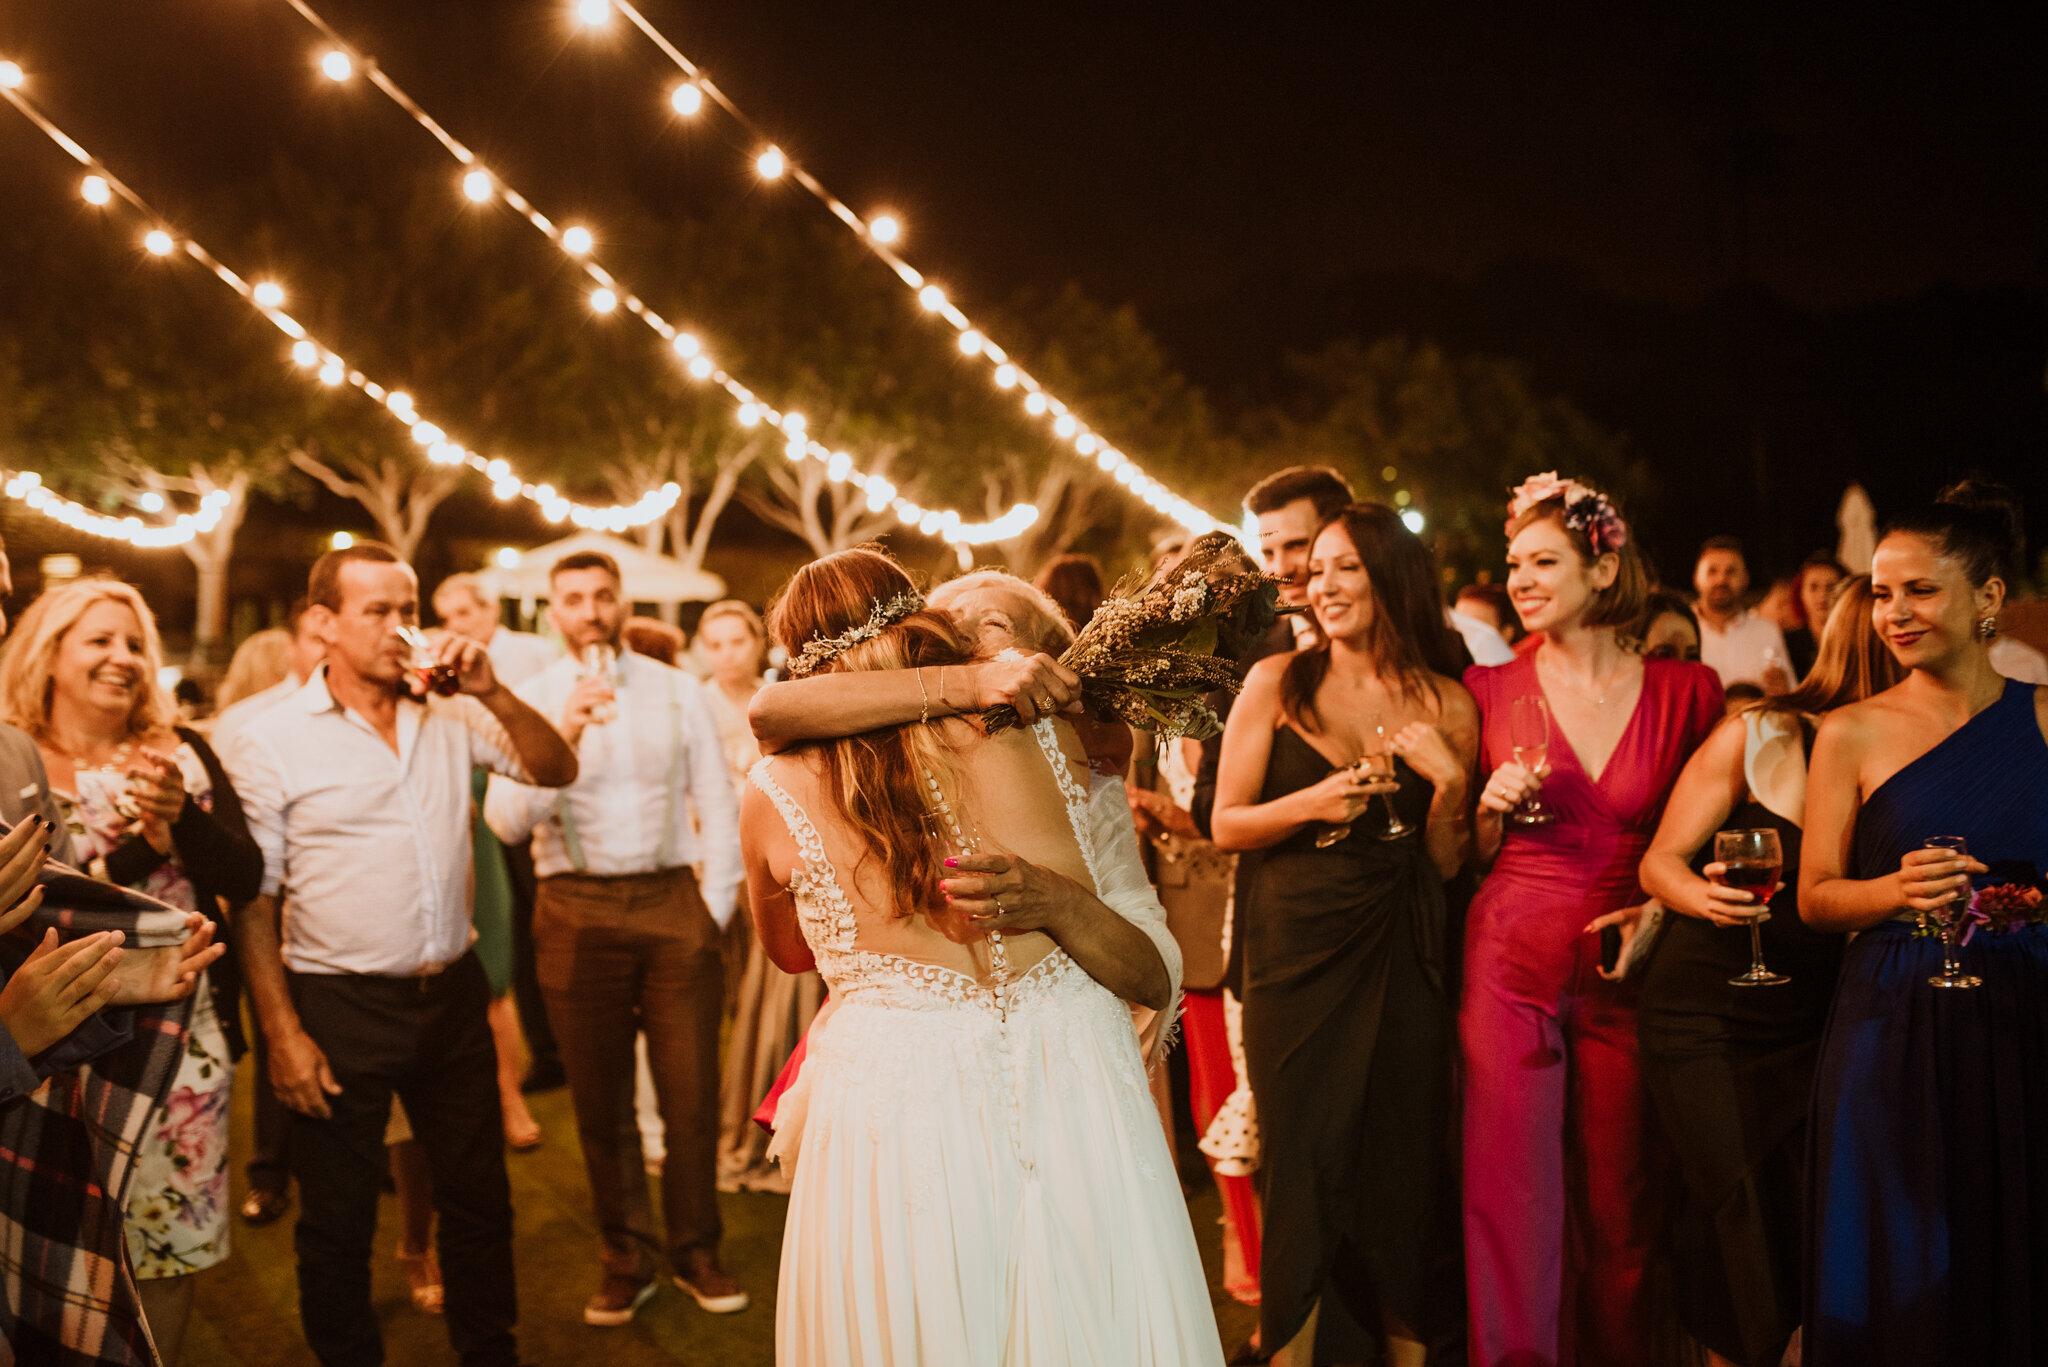 fotografo de bodas las palmas_-138.jpg